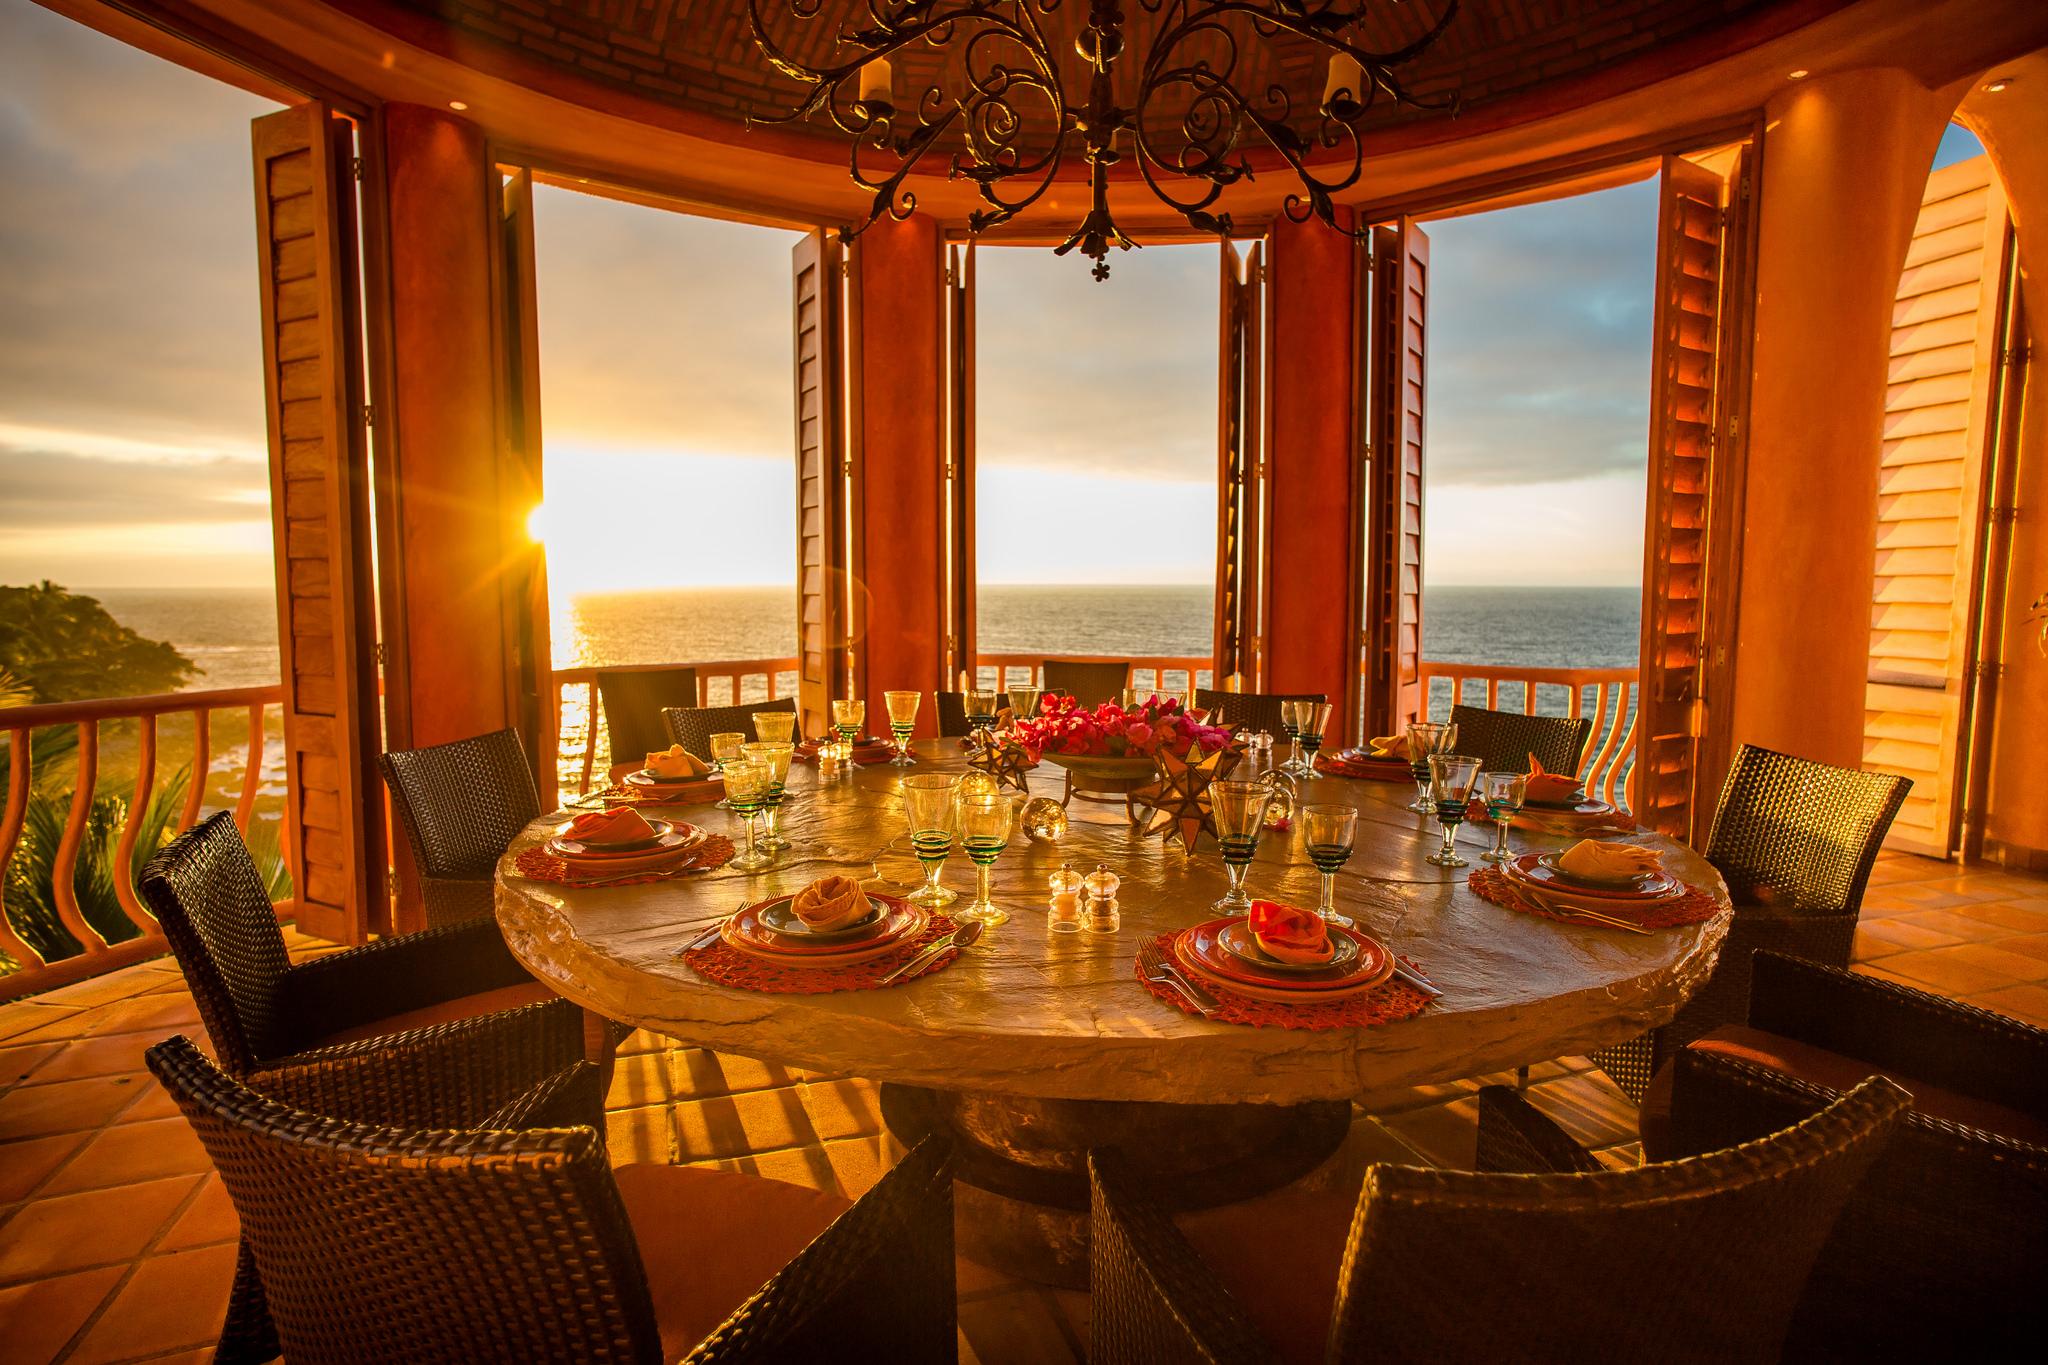 Vacation Vallarta - Villa Estrella Mar Dining